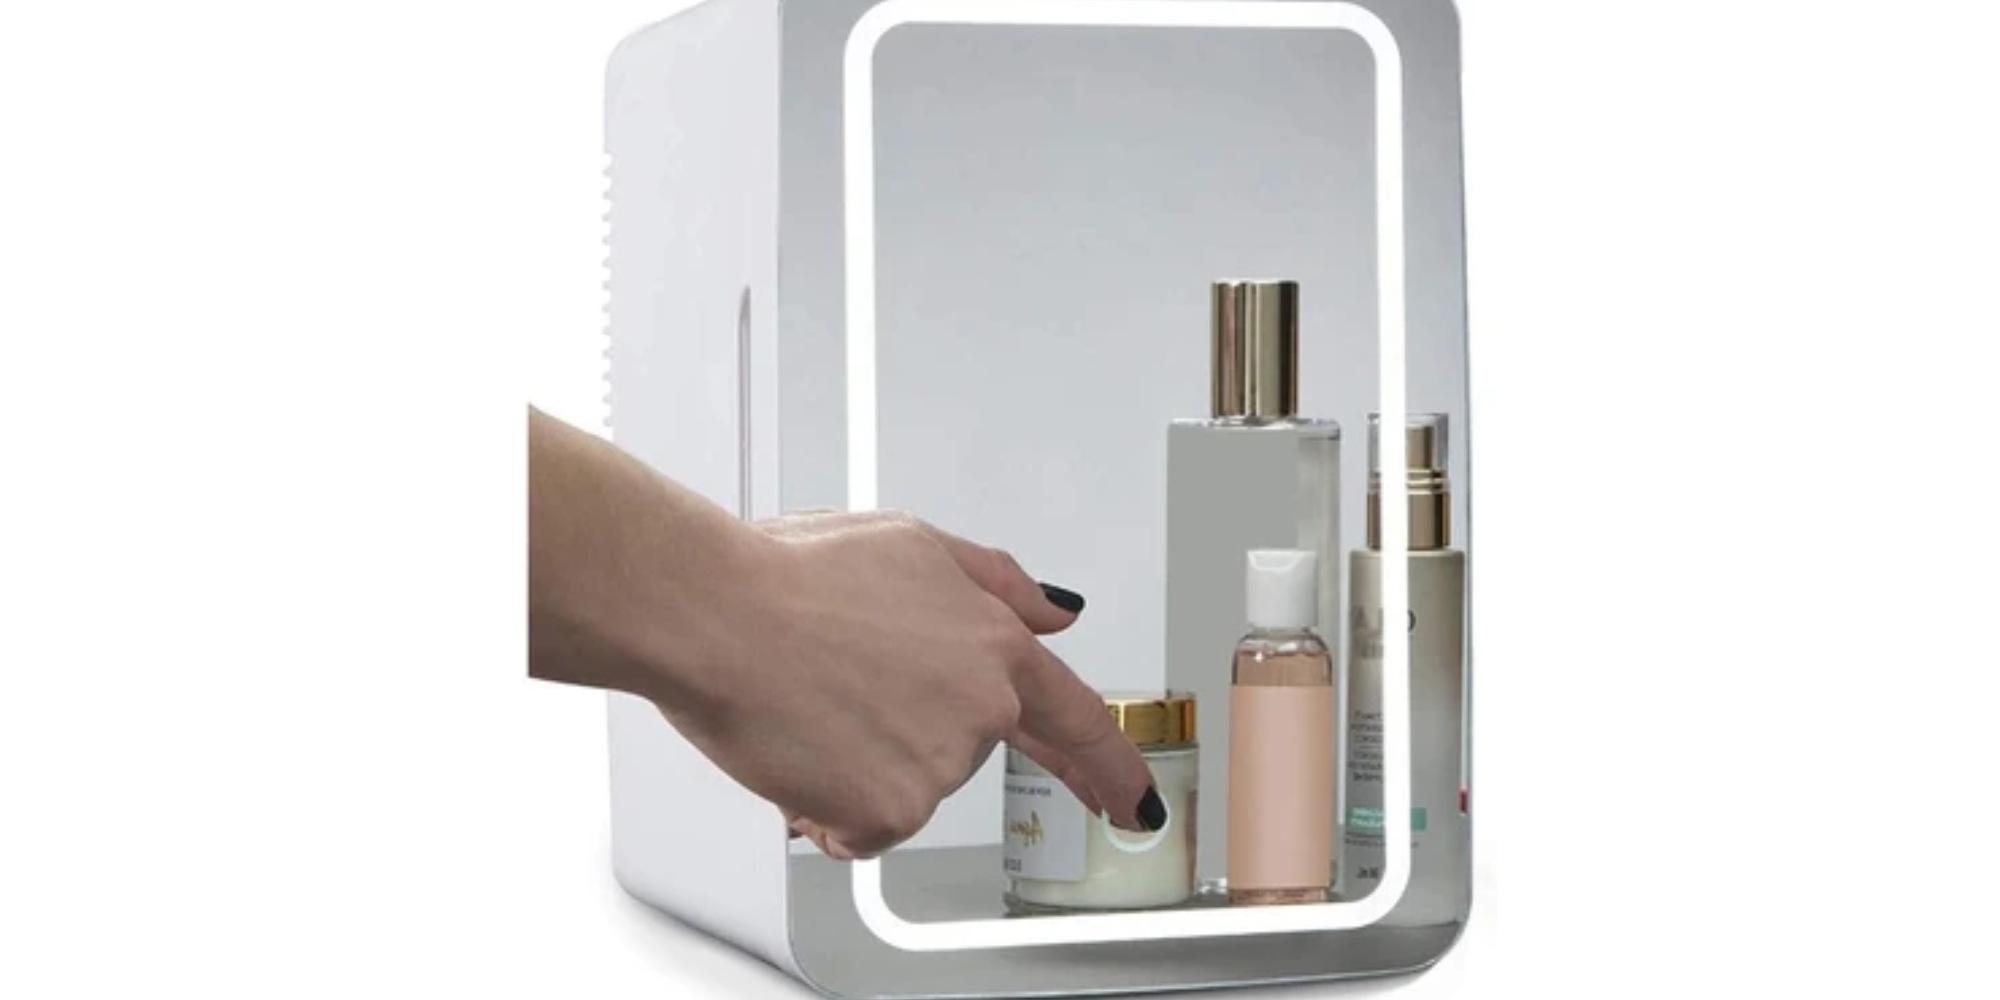 ثلاجة المكياج SUOMO - Compact Refrigerator 8 Liter Beauty Fridge